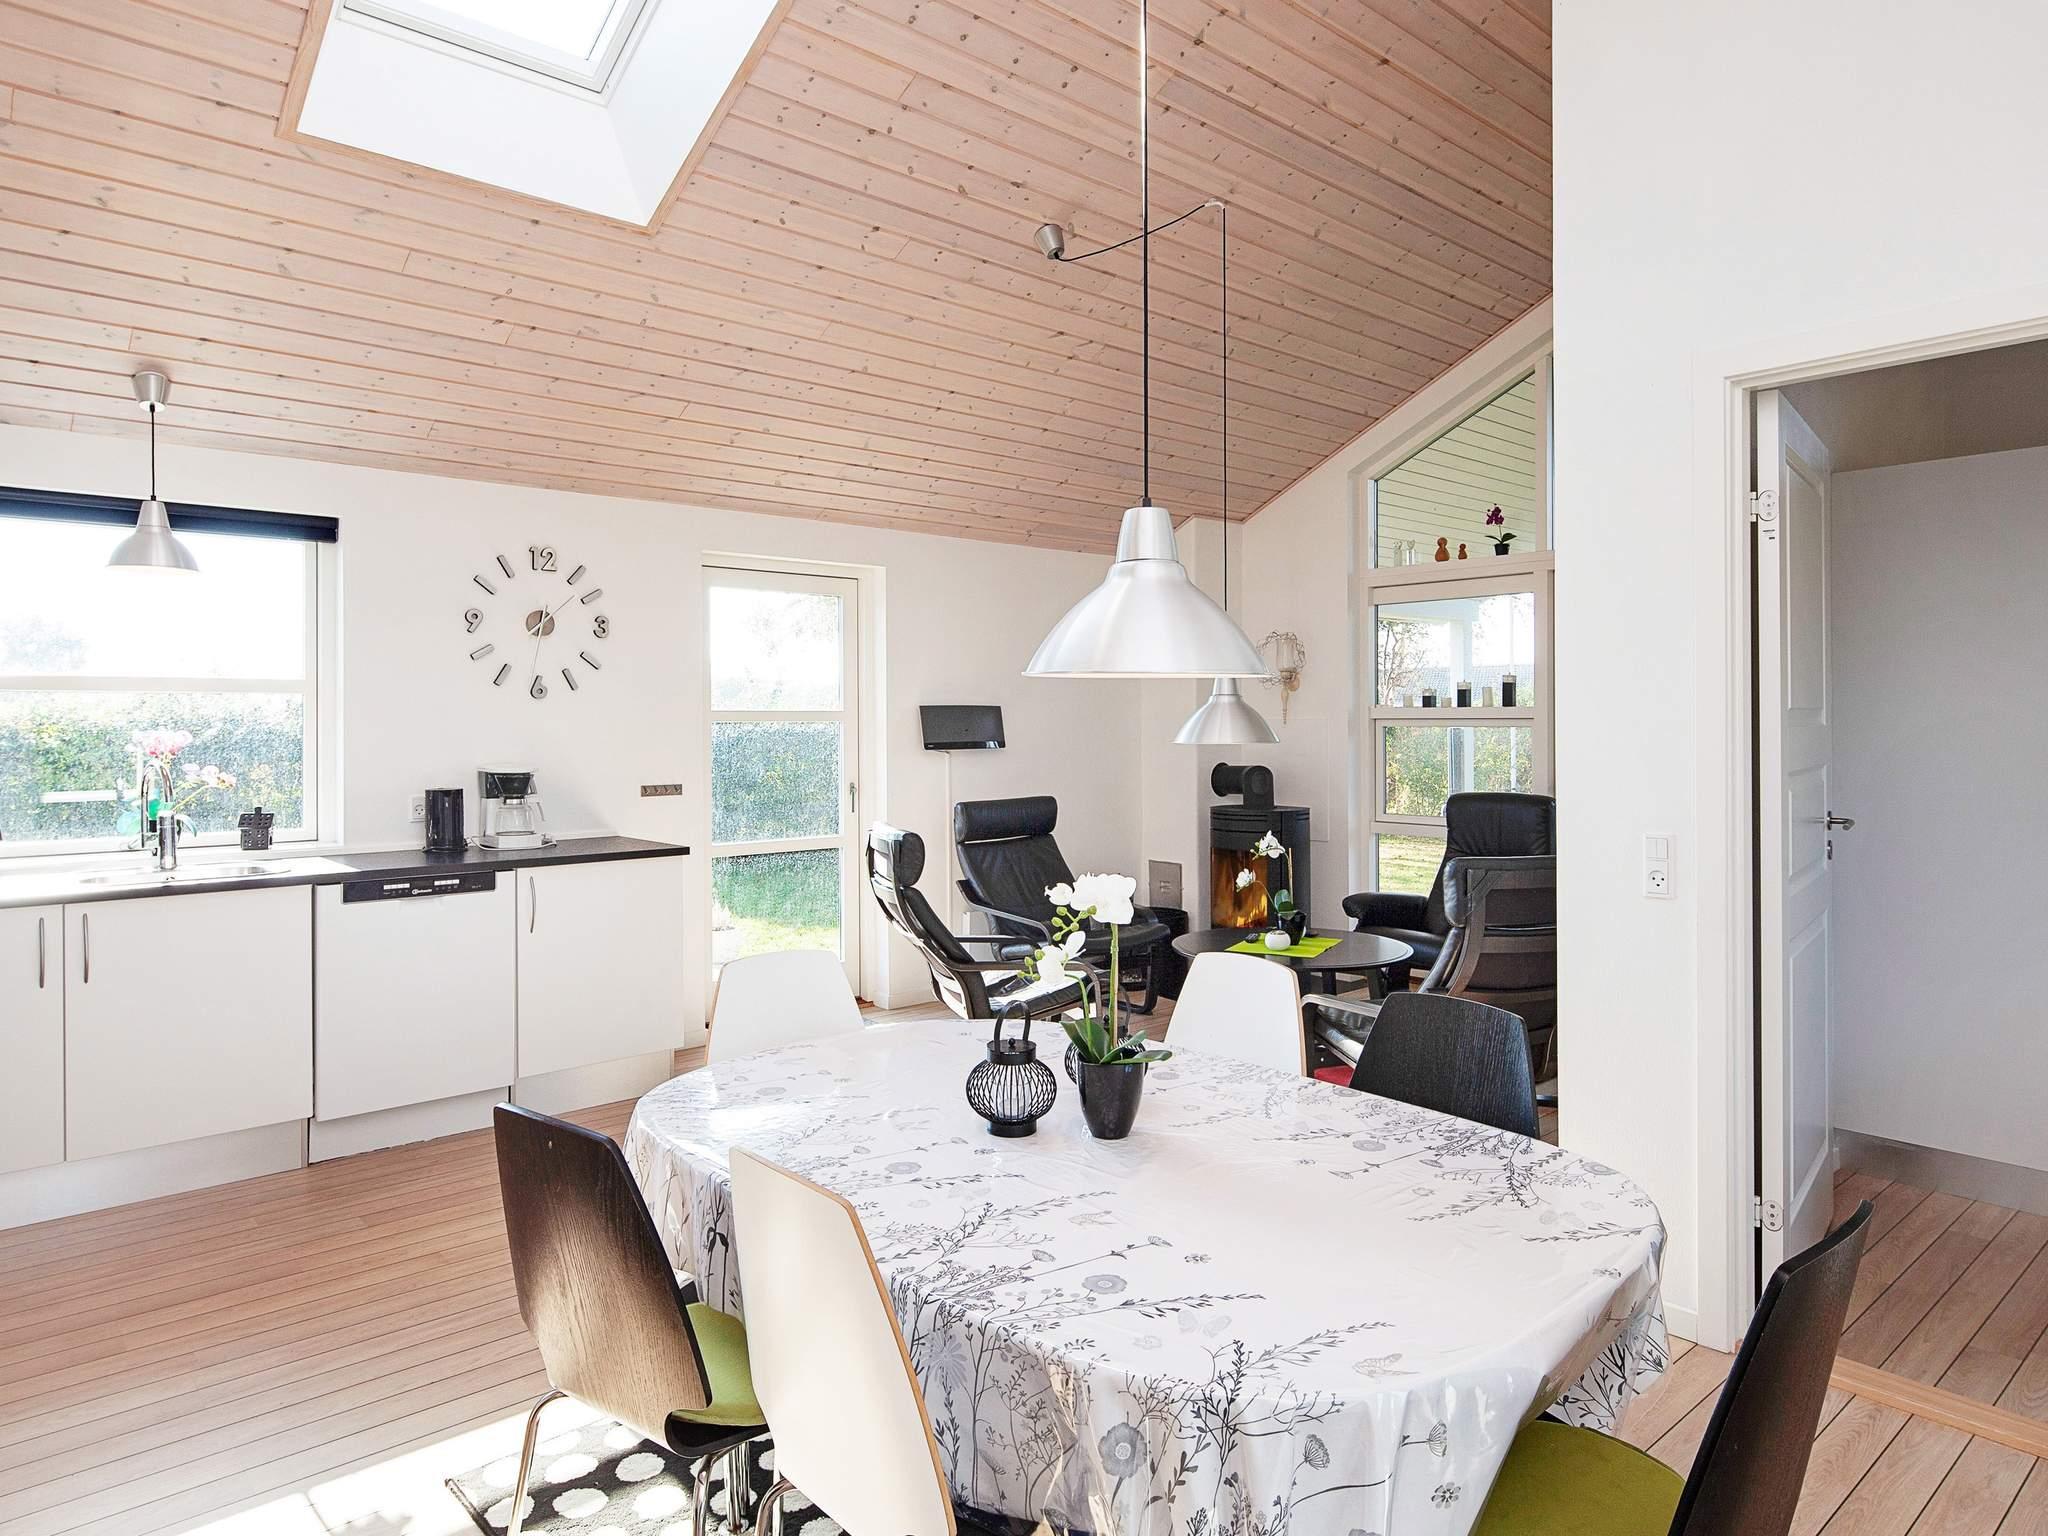 Ferienhaus Enø (2523852), Karrebæksminde, , Südseeland, Dänemark, Bild 8